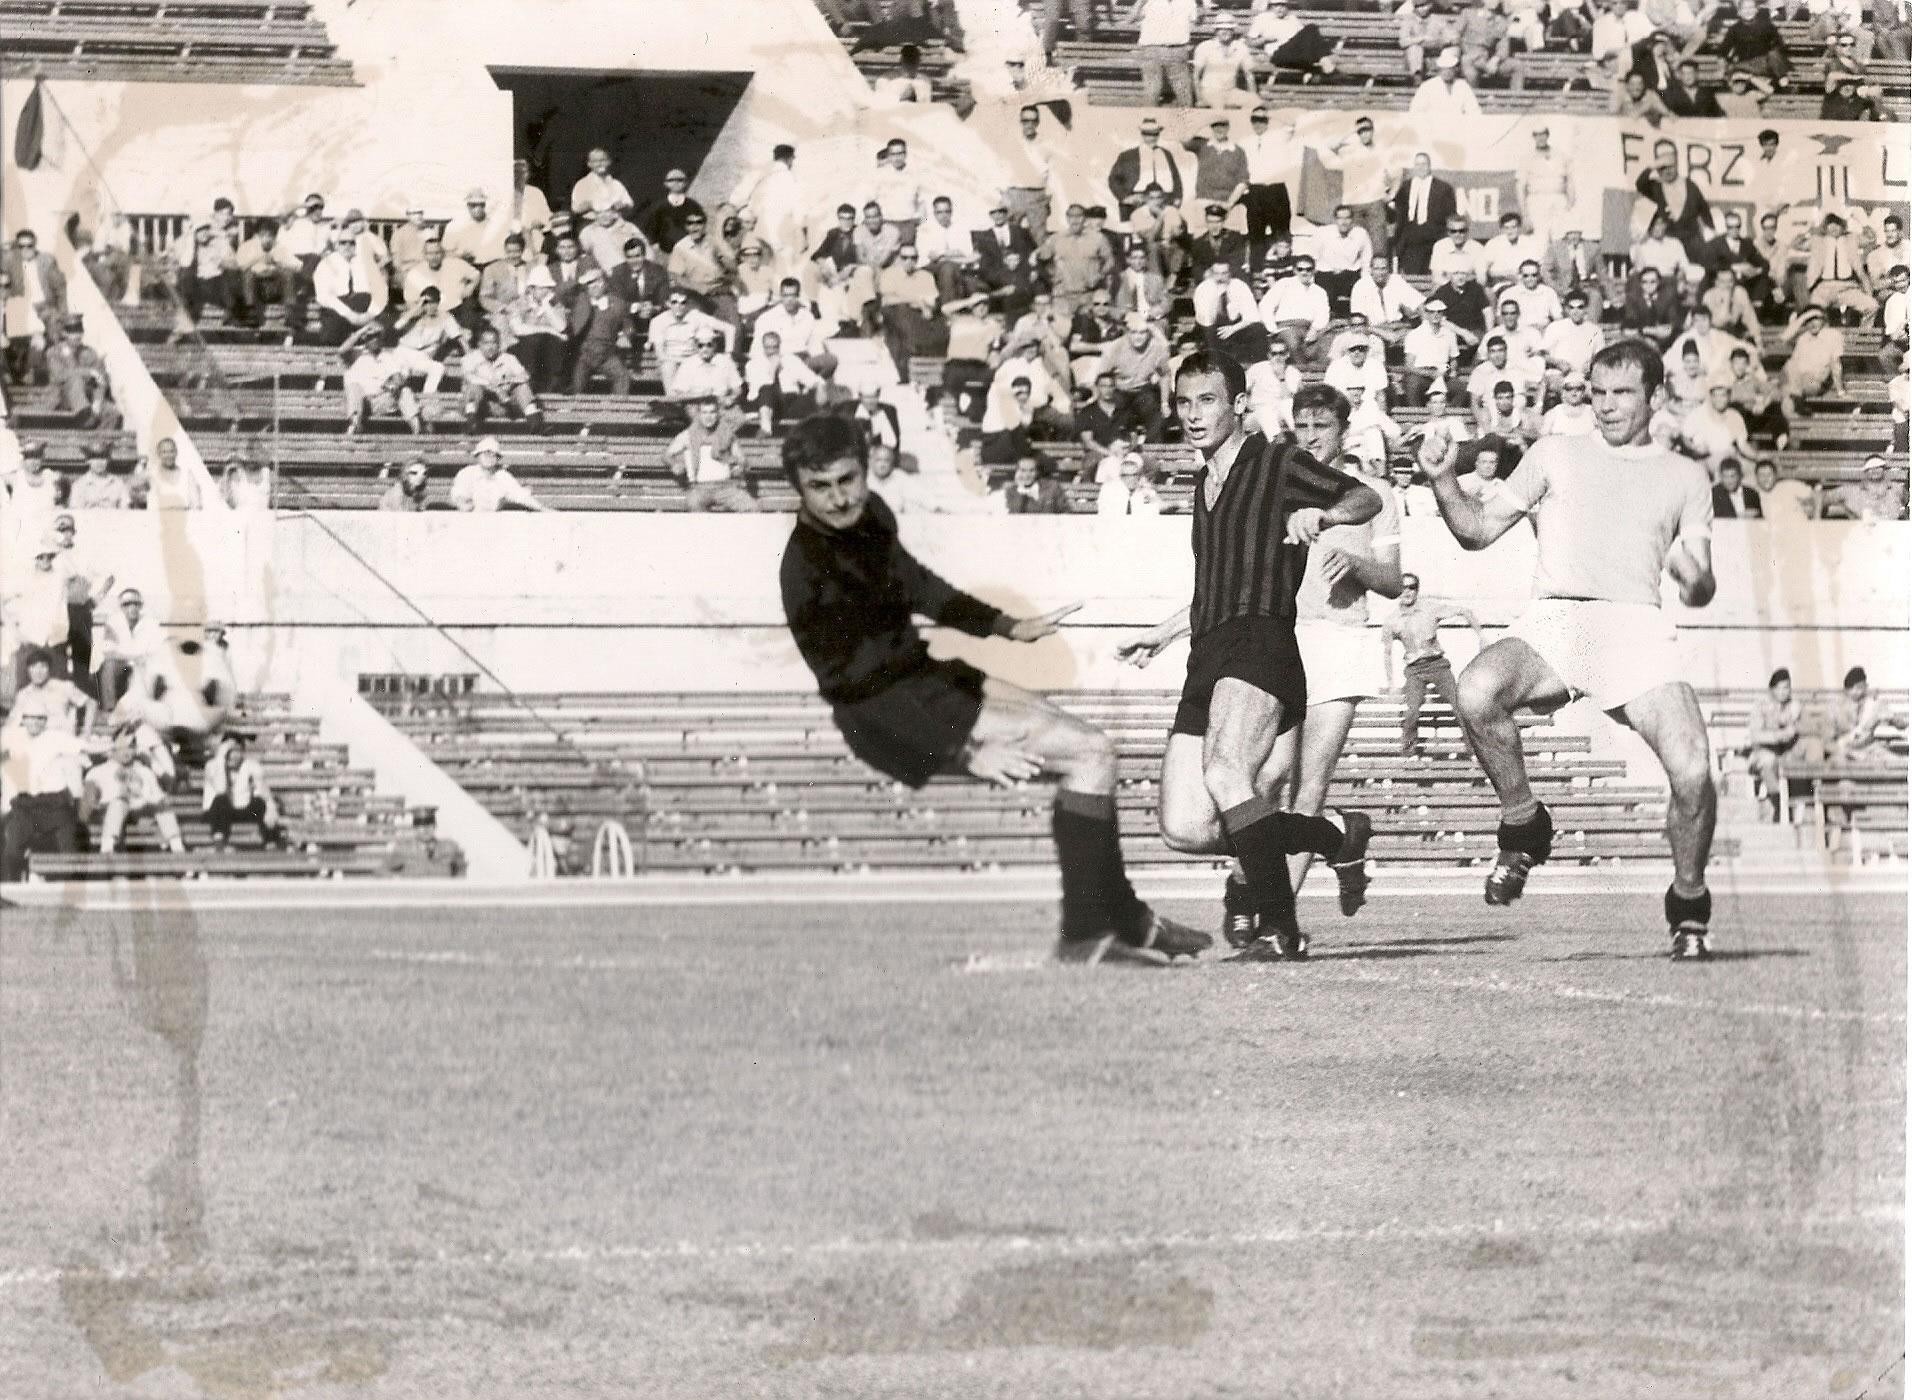 Sequenza del gol Lazio-Foggia 1-0 16/6/1968 (2/2)